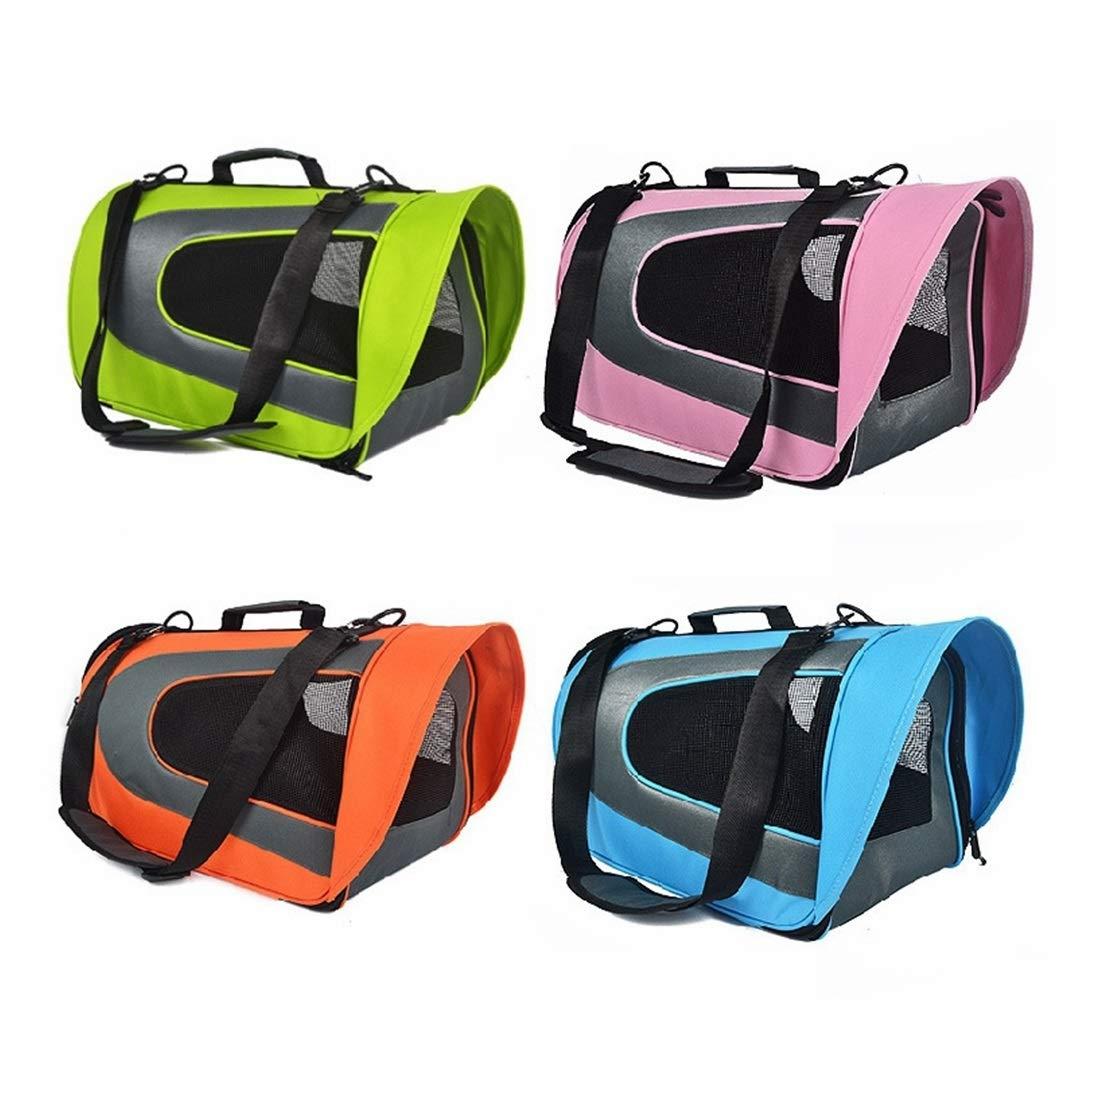 orange 45X28X23cm orange 45X28X23cm YY4 Pet Bag Out-of-Port Portable Dog Backpack One-Shoulder Messenger Bag Breathable Travel Dog Cat Bag (color   orange, Size   45X28X23cm)